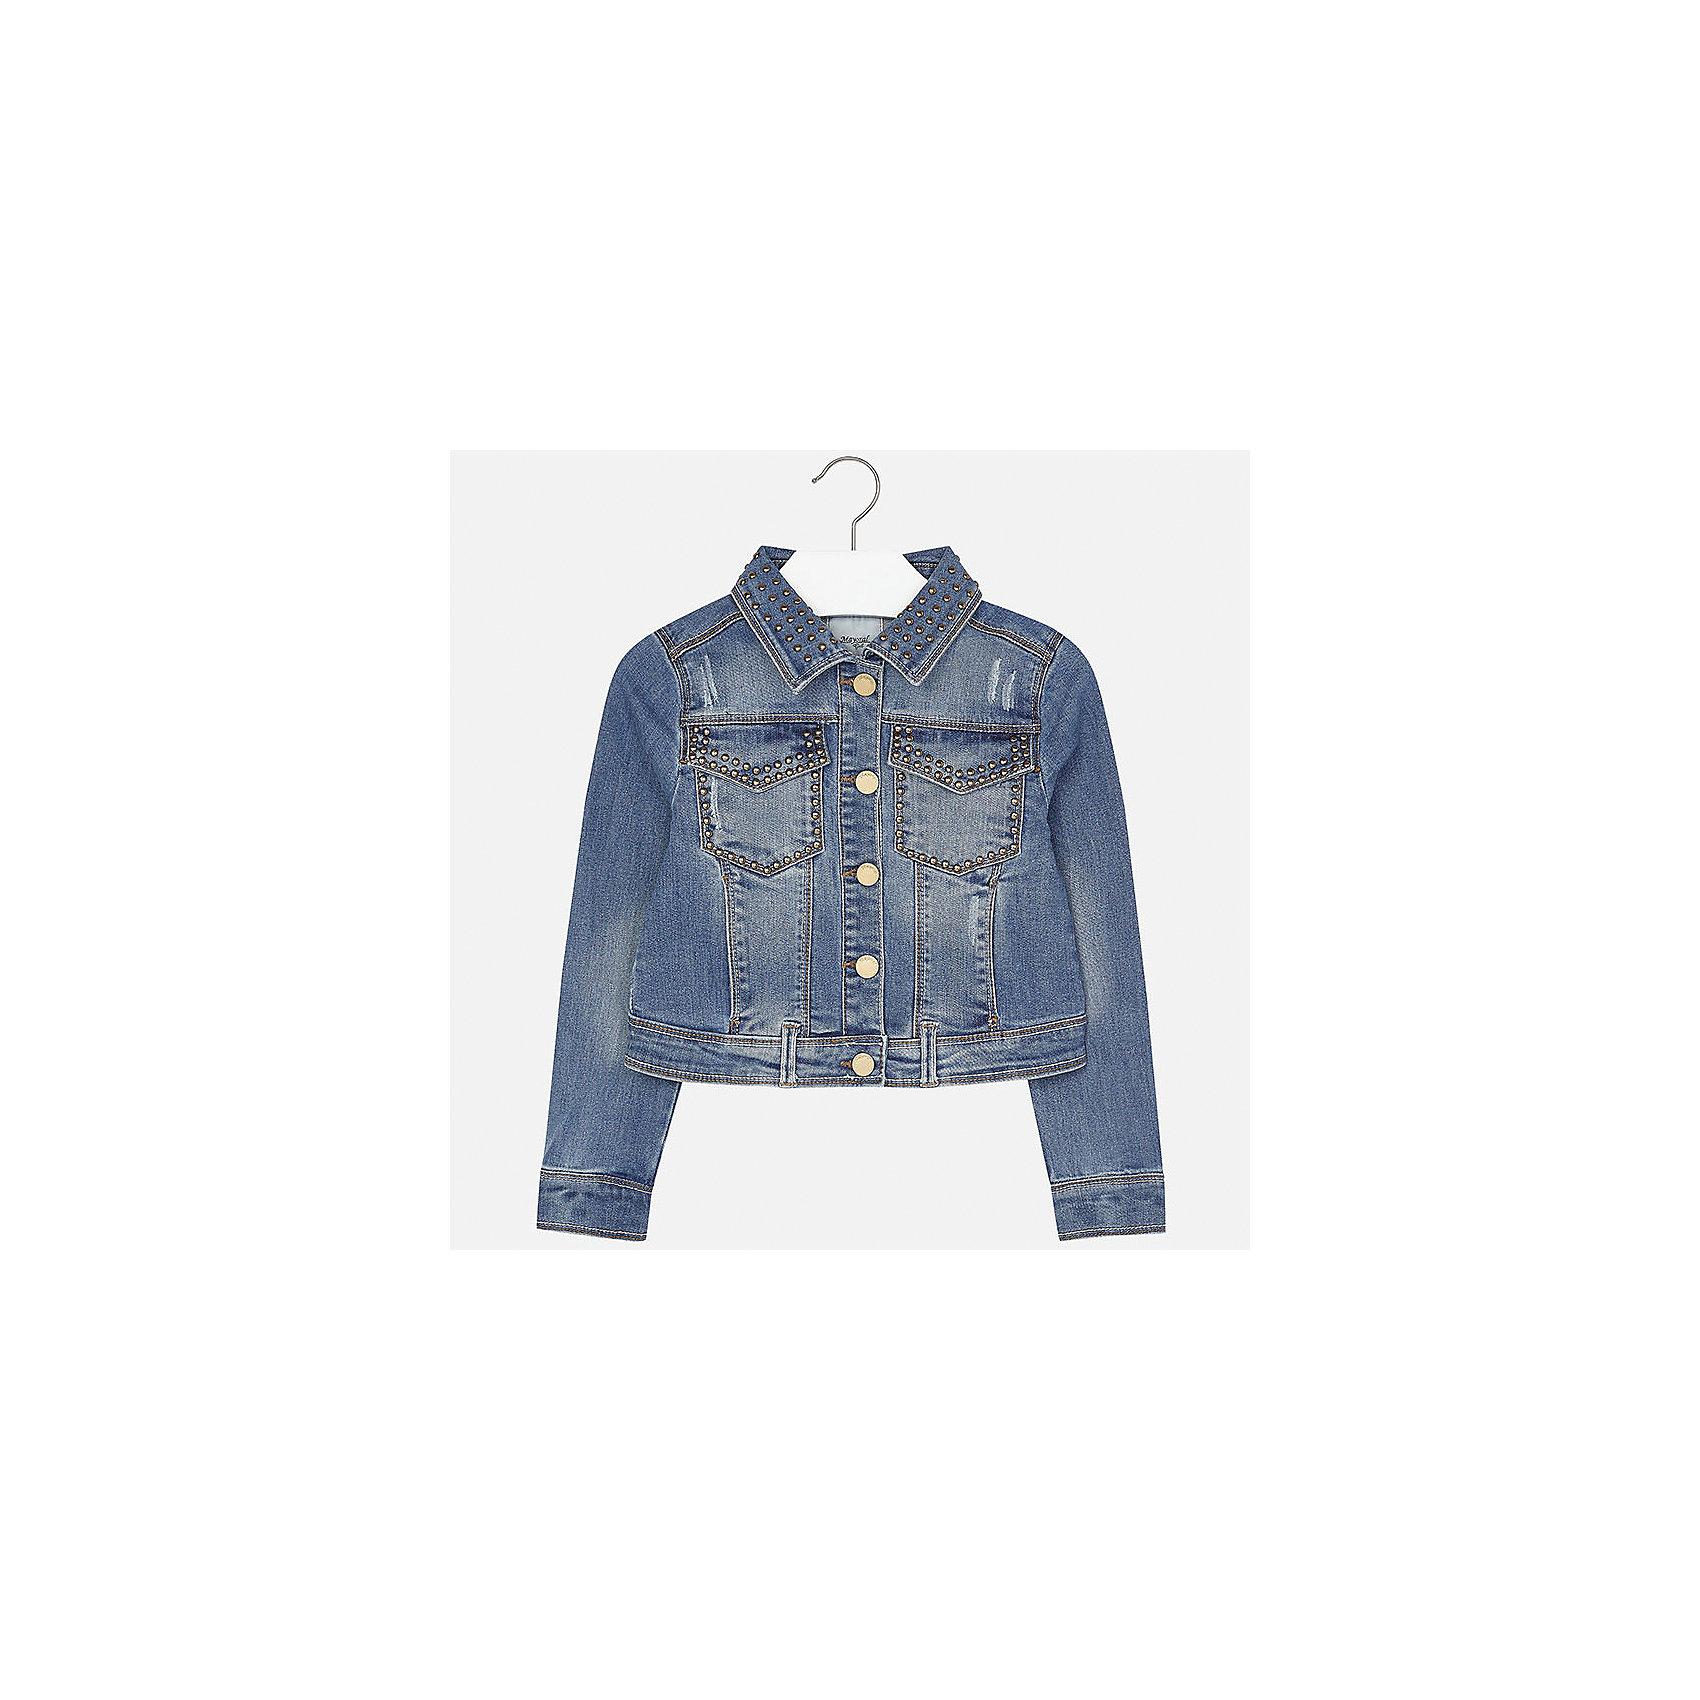 Куртка джинсовая для девочки MayoralДжинсовая одежда<br>Характеристики товара:<br><br>• цвет: синий<br>• состав: 70% хлопок, 26% полиэстер, 3% вискоза, 1% эластан<br>• пуговицы<br>• карманы<br>• с длинными рукавами <br>• эффект потертости<br>• страна бренда: Испания<br><br>Очень стильная куртка для девочки поможет разнообразить гардероб ребенка и украсить наряд. Он отлично сочетается и с юбками, и с брюками. Универсальный цвет позволяет подобрать к вещи низ различных расцветок. Интересная отделка модели делает её нарядной и оригинальной.<br><br>Одежда, обувь и аксессуары от испанского бренда Mayoral полюбились детям и взрослым по всему миру. Модели этой марки - стильные и удобные. Для их производства используются только безопасные, качественные материалы и фурнитура. Порадуйте ребенка модными и красивыми вещами от Mayoral! <br><br>Куртку для девочки от испанского бренда Mayoral (Майорал) можно купить в нашем интернет-магазине.<br><br>Ширина мм: 356<br>Глубина мм: 10<br>Высота мм: 245<br>Вес г: 519<br>Цвет: голубой<br>Возраст от месяцев: 168<br>Возраст до месяцев: 180<br>Пол: Женский<br>Возраст: Детский<br>Размер: 158,164,170,128/134,140,152<br>SKU: 5292877